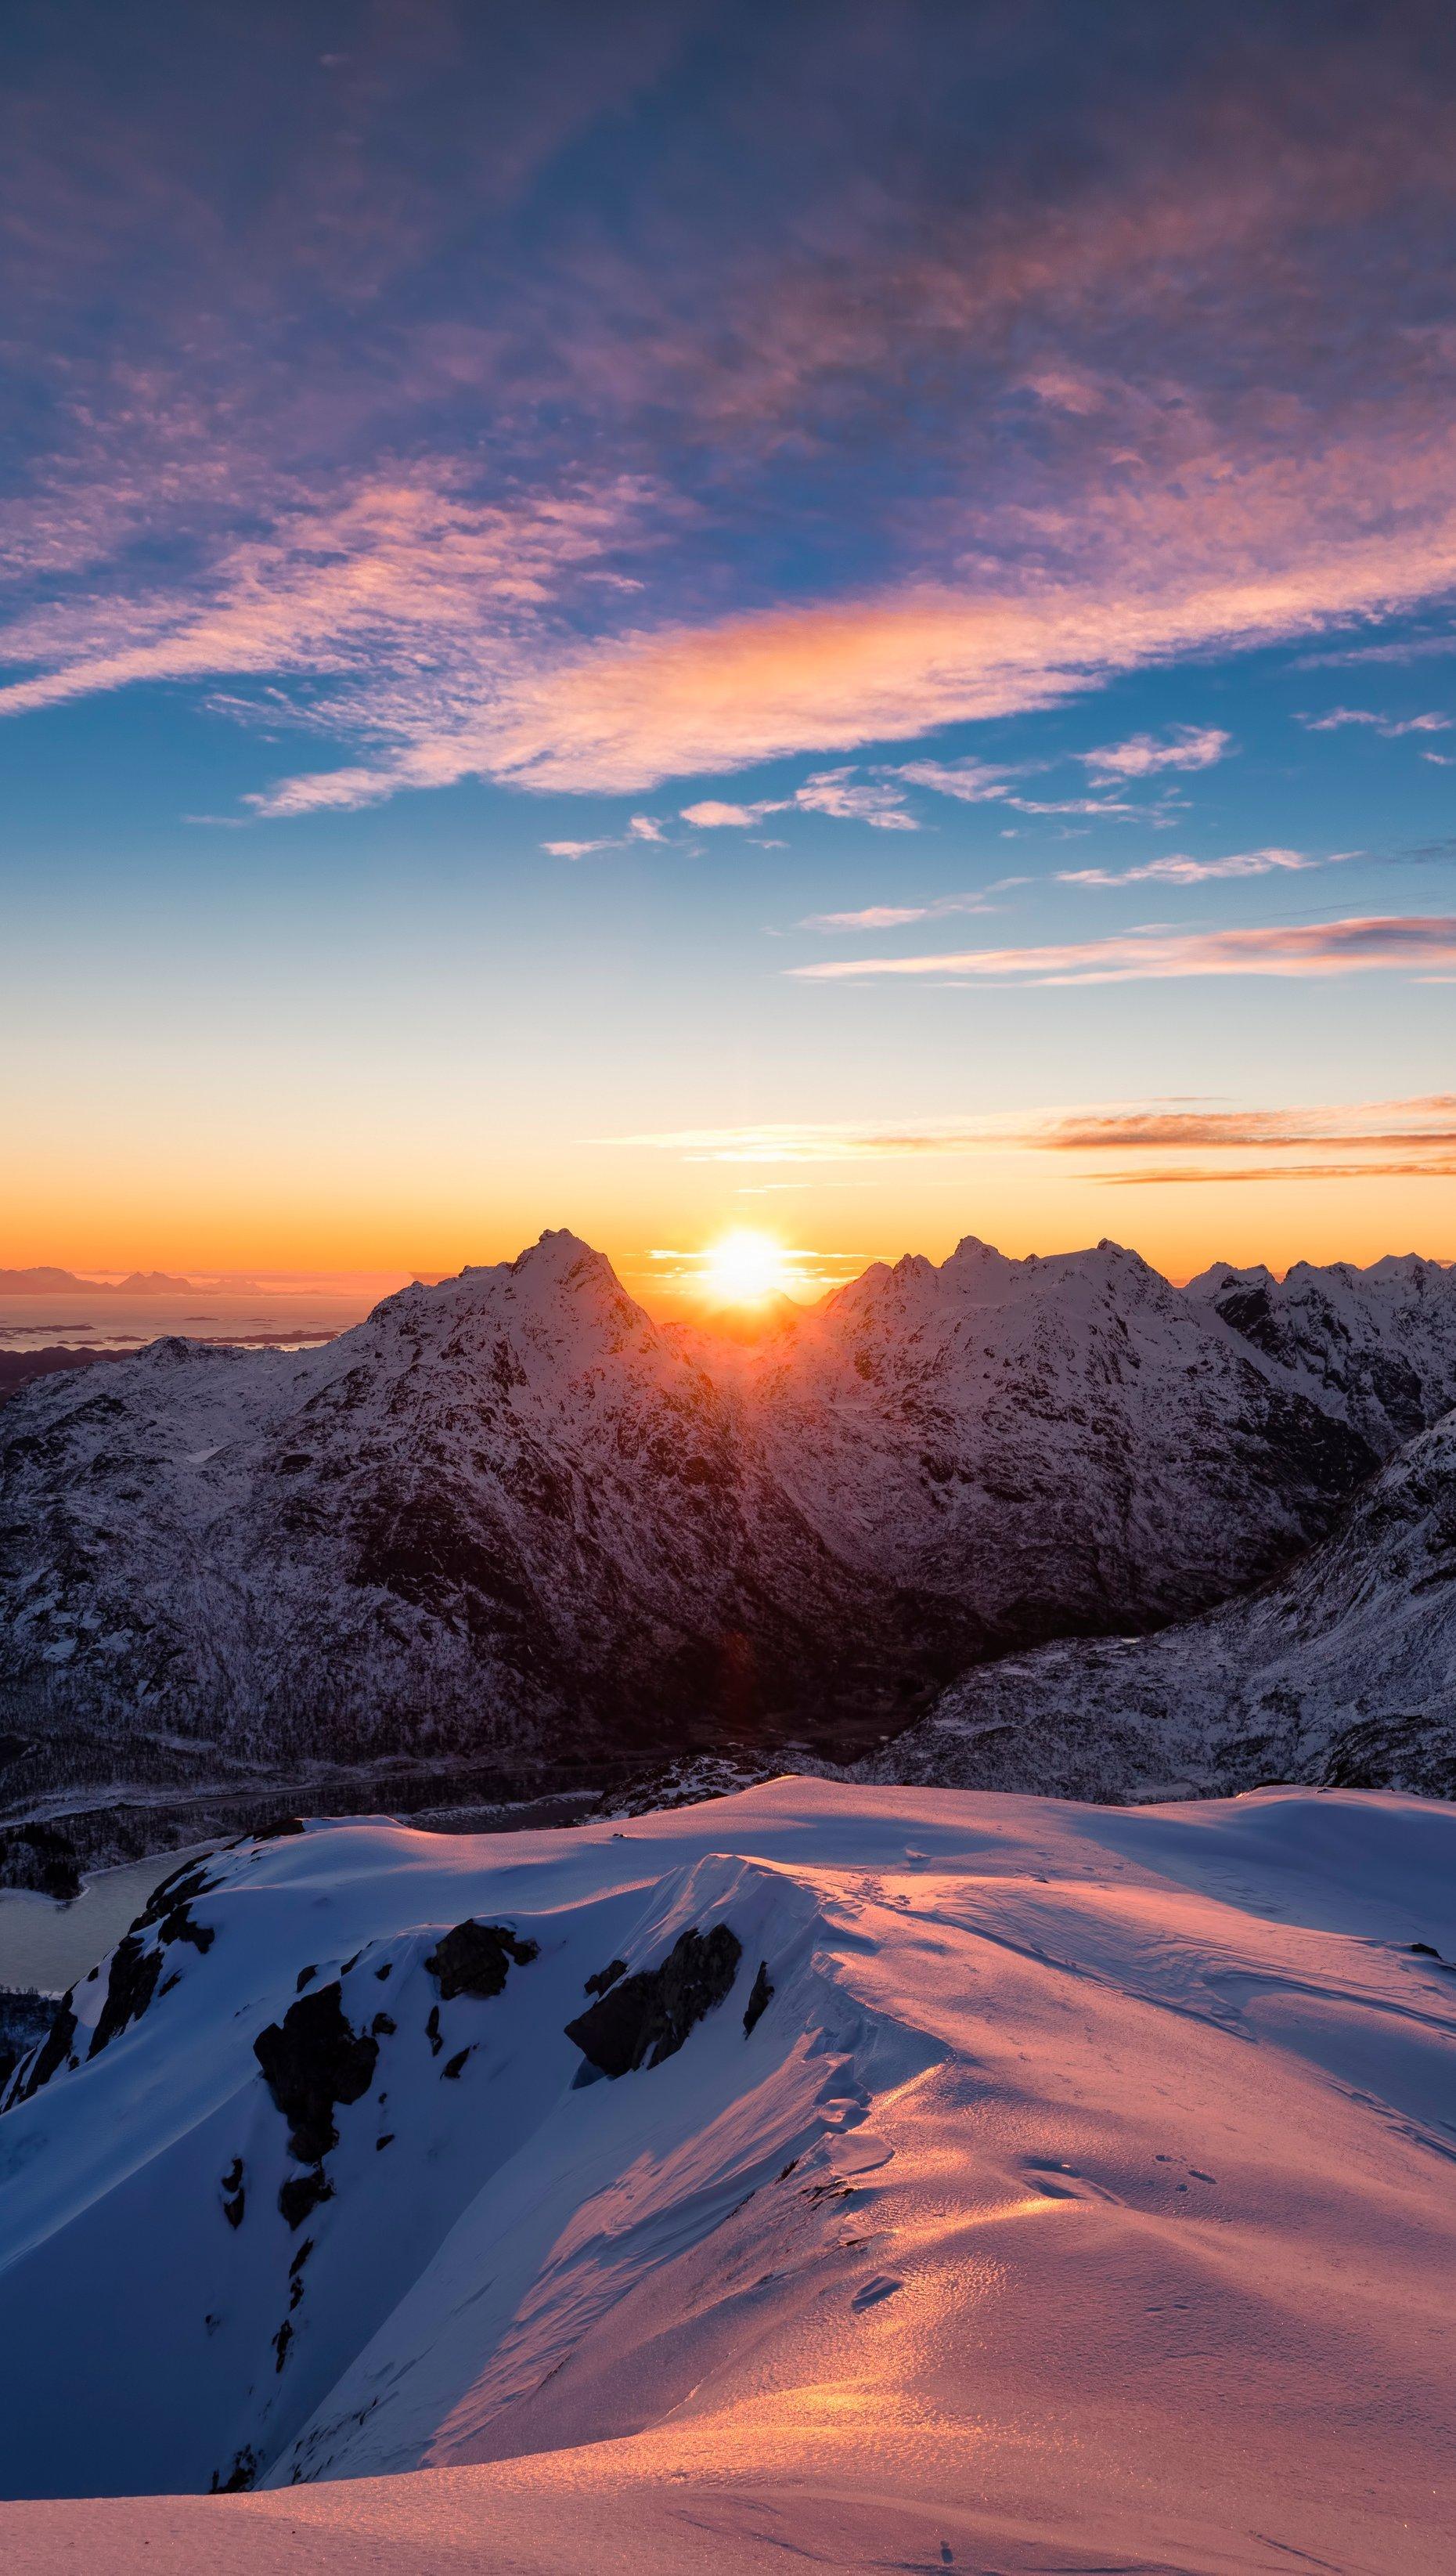 Fondos de pantalla Atardecer en las montañas nevadas Vertical